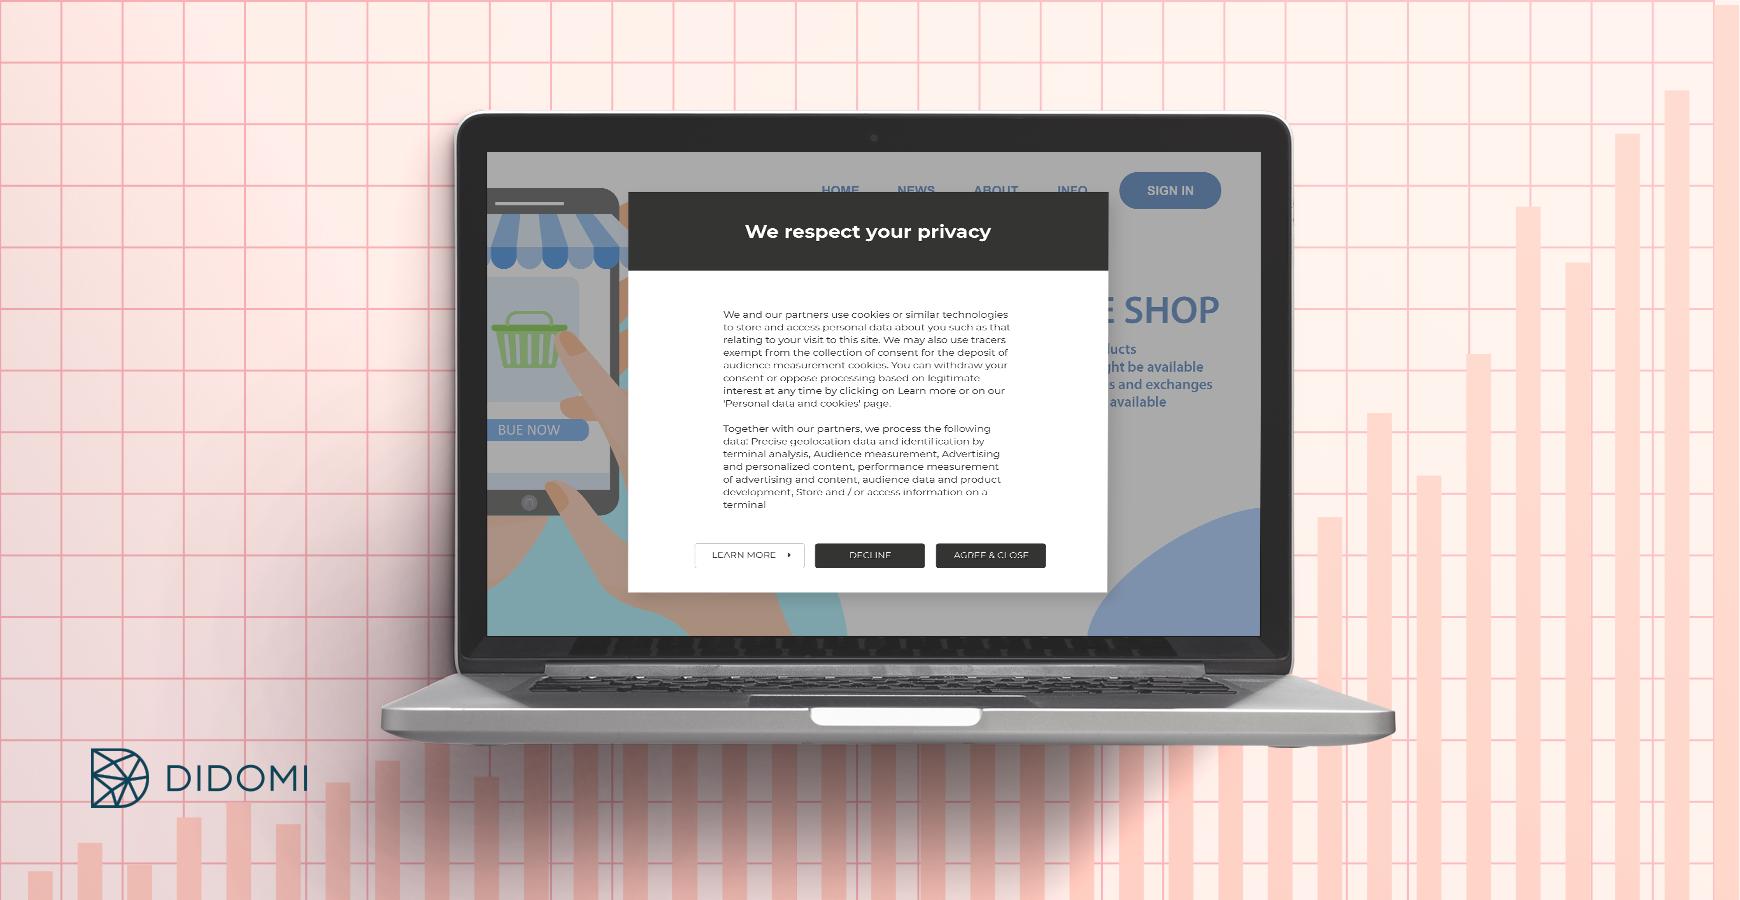 Retail y E-commerce: ¿Cómo aumentar el ROI, mejorando la gestión de las preferencias y el consentimiento de los usuarios?